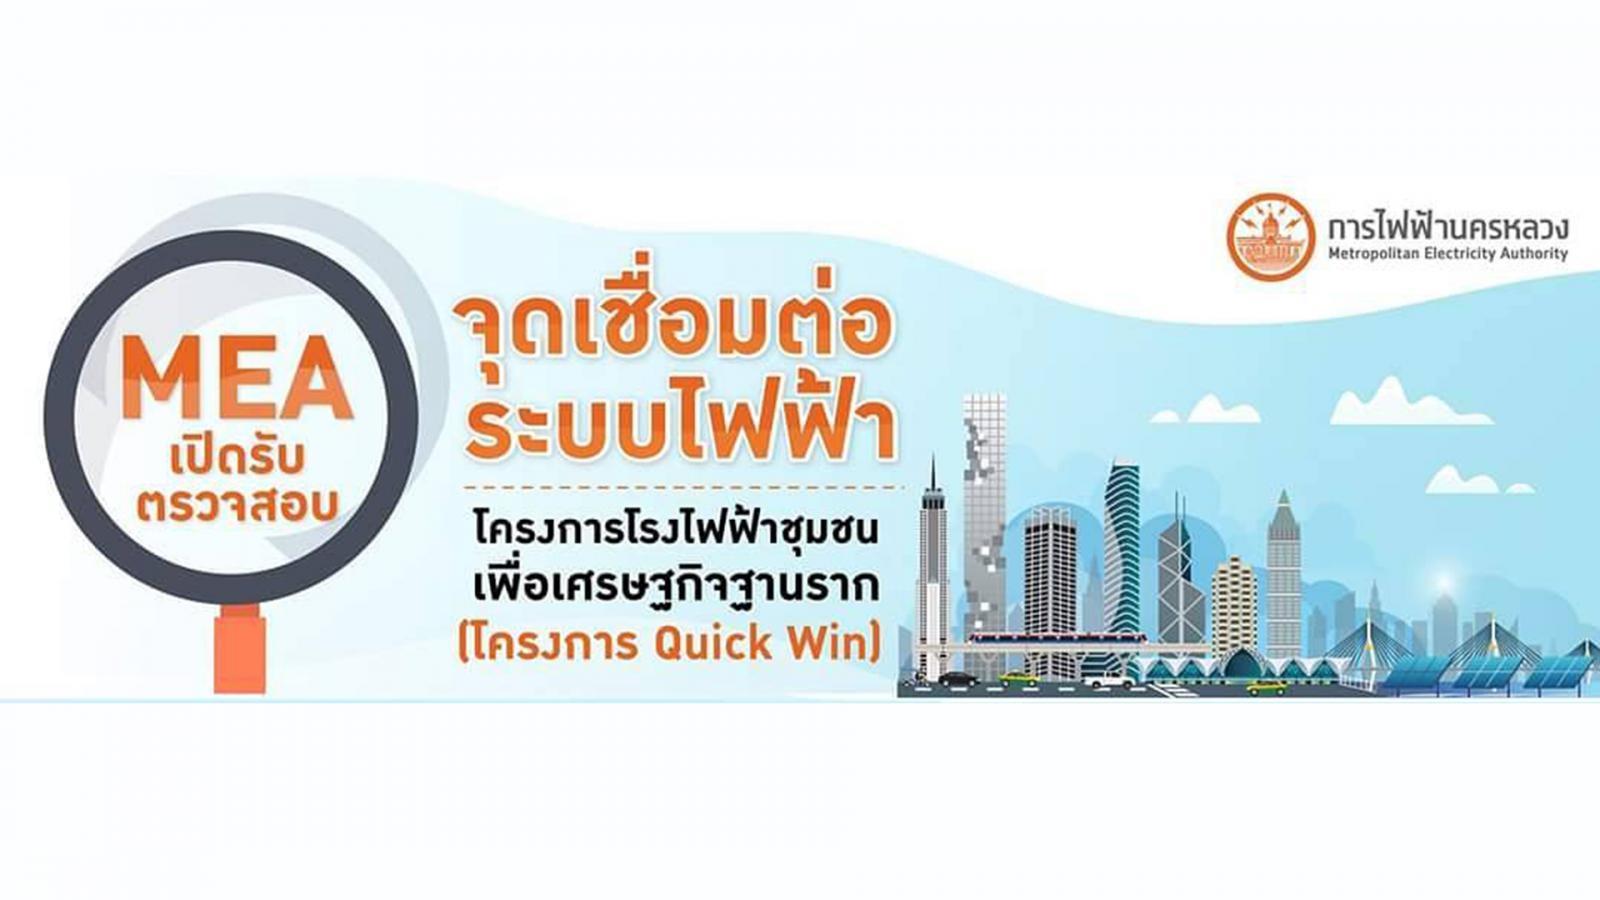 MEA เปิดรับสมัคร โครงการโรงไฟฟ้าชุมชนเพื่อเศรษฐกิจฐานราก (โครงการ Quick Win)